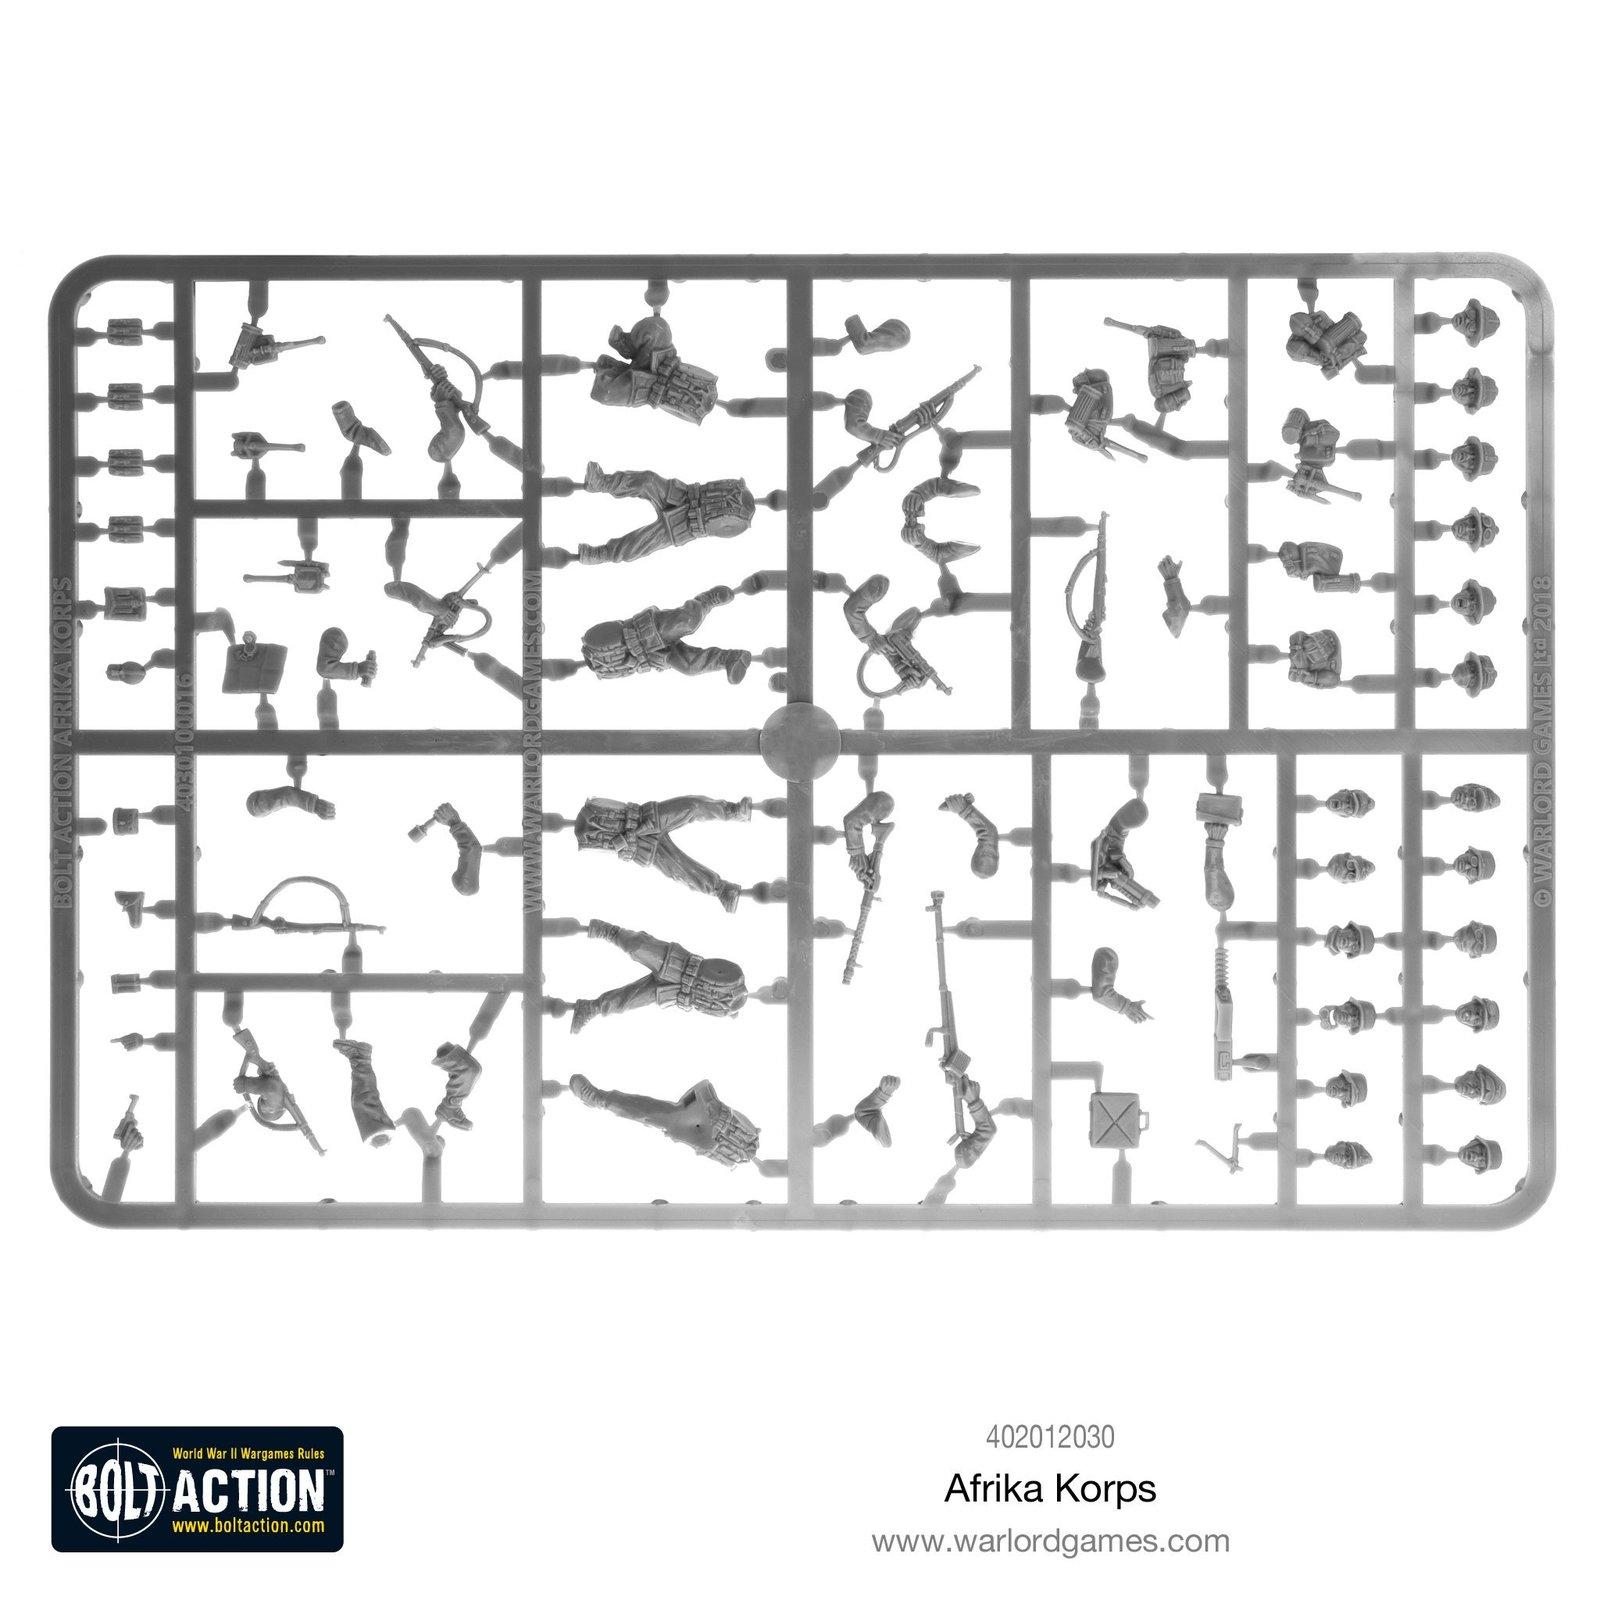 Afrika Korps Infantry image